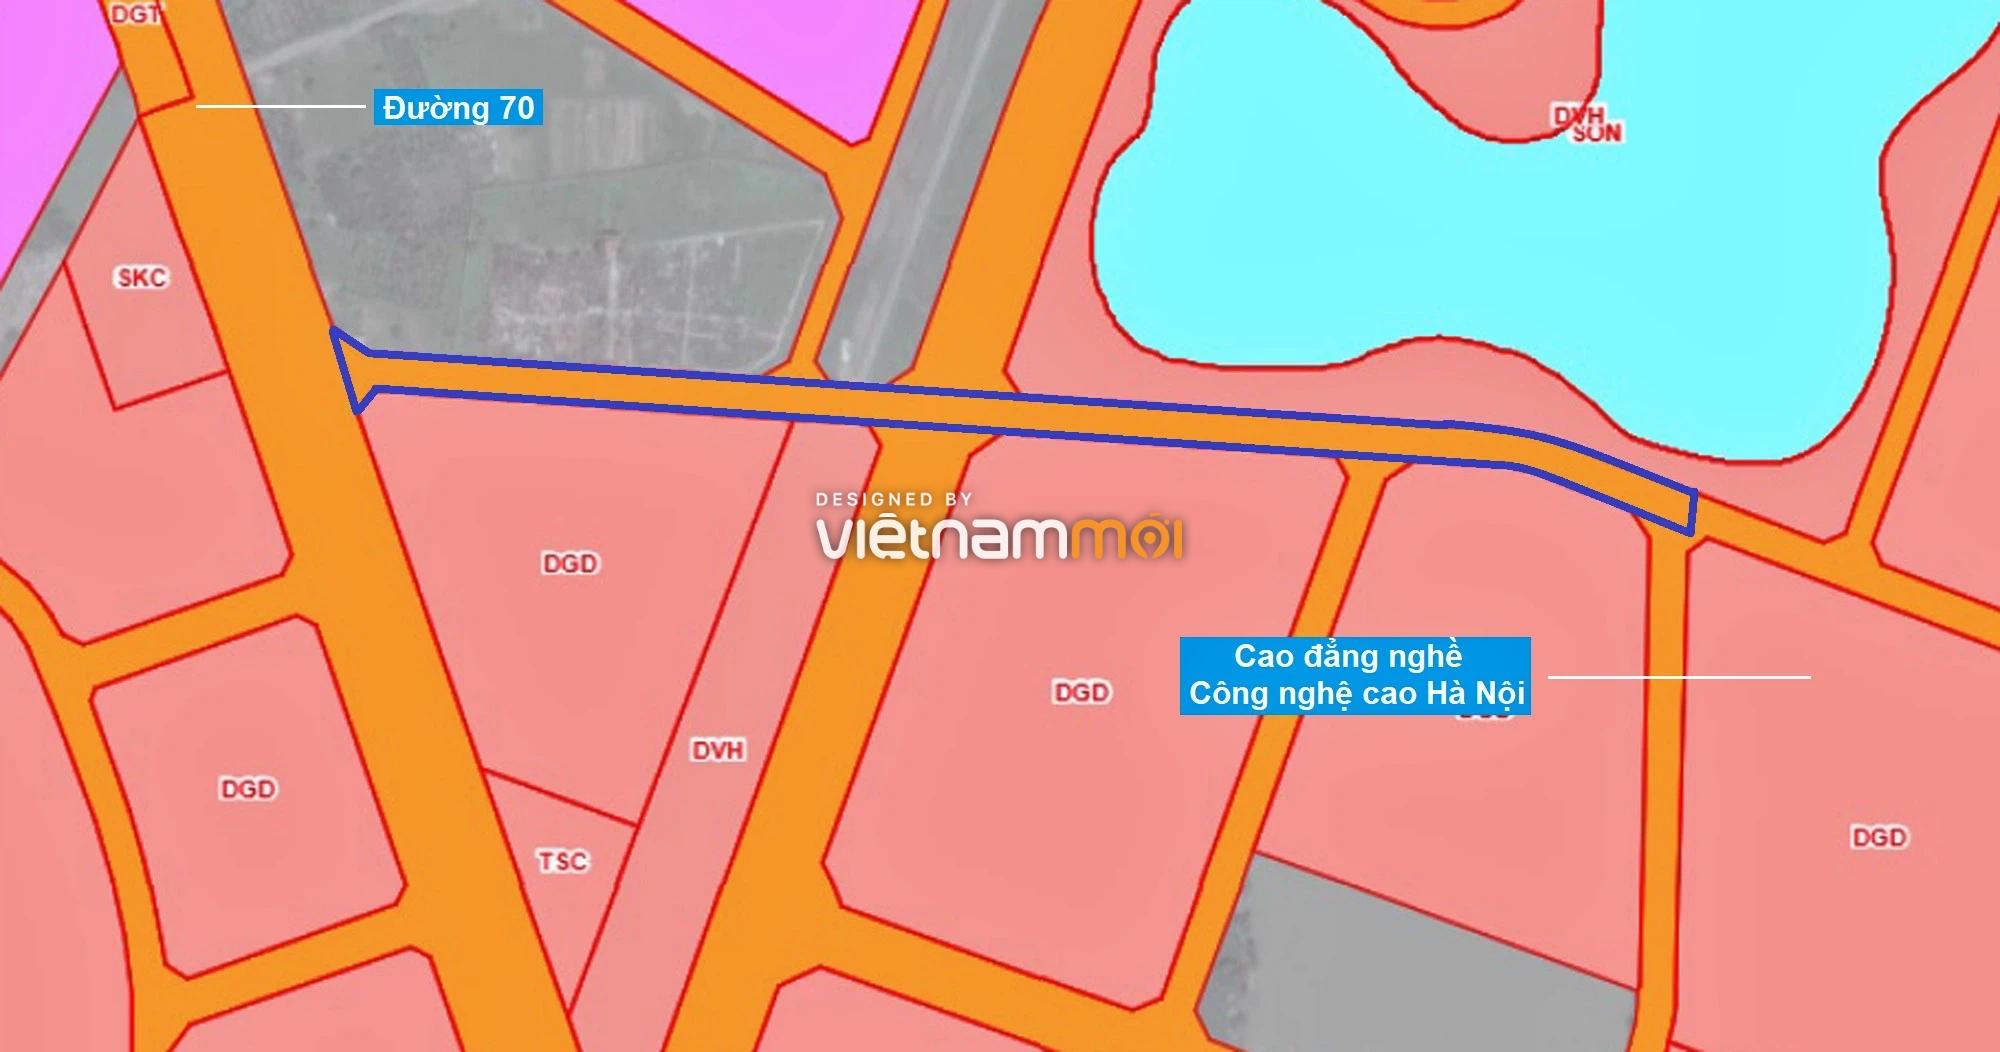 Những khu đất sắp thu hồi để mở đường ở phường Tây Mỗ, Nam Từ Liêm, Hà Nội (phần 3) - Ảnh 6.